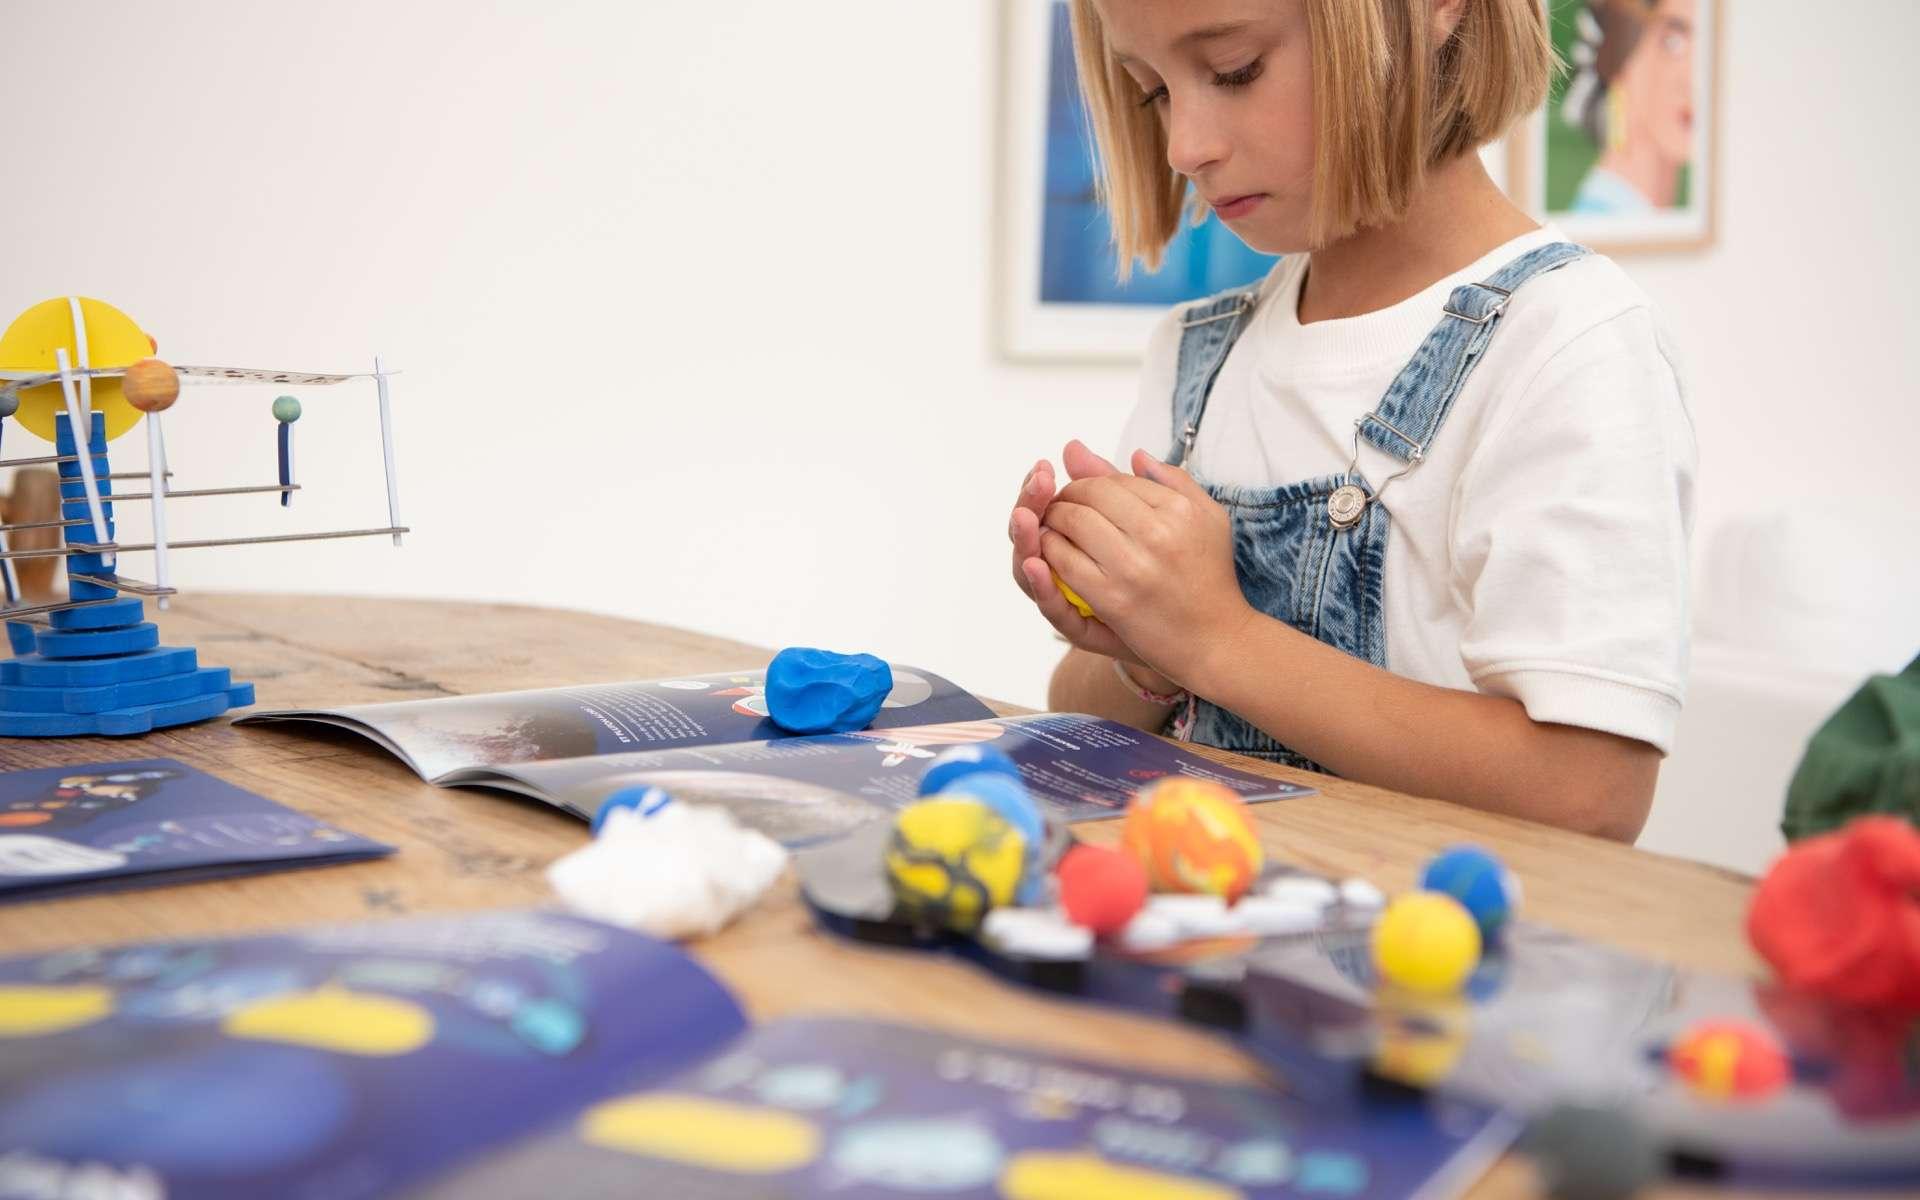 Pandacraft propose à vos enfants des kits pour les accompagner dans leurs apprentissages par la manipulation et l'expérimentation. © Pandacraft